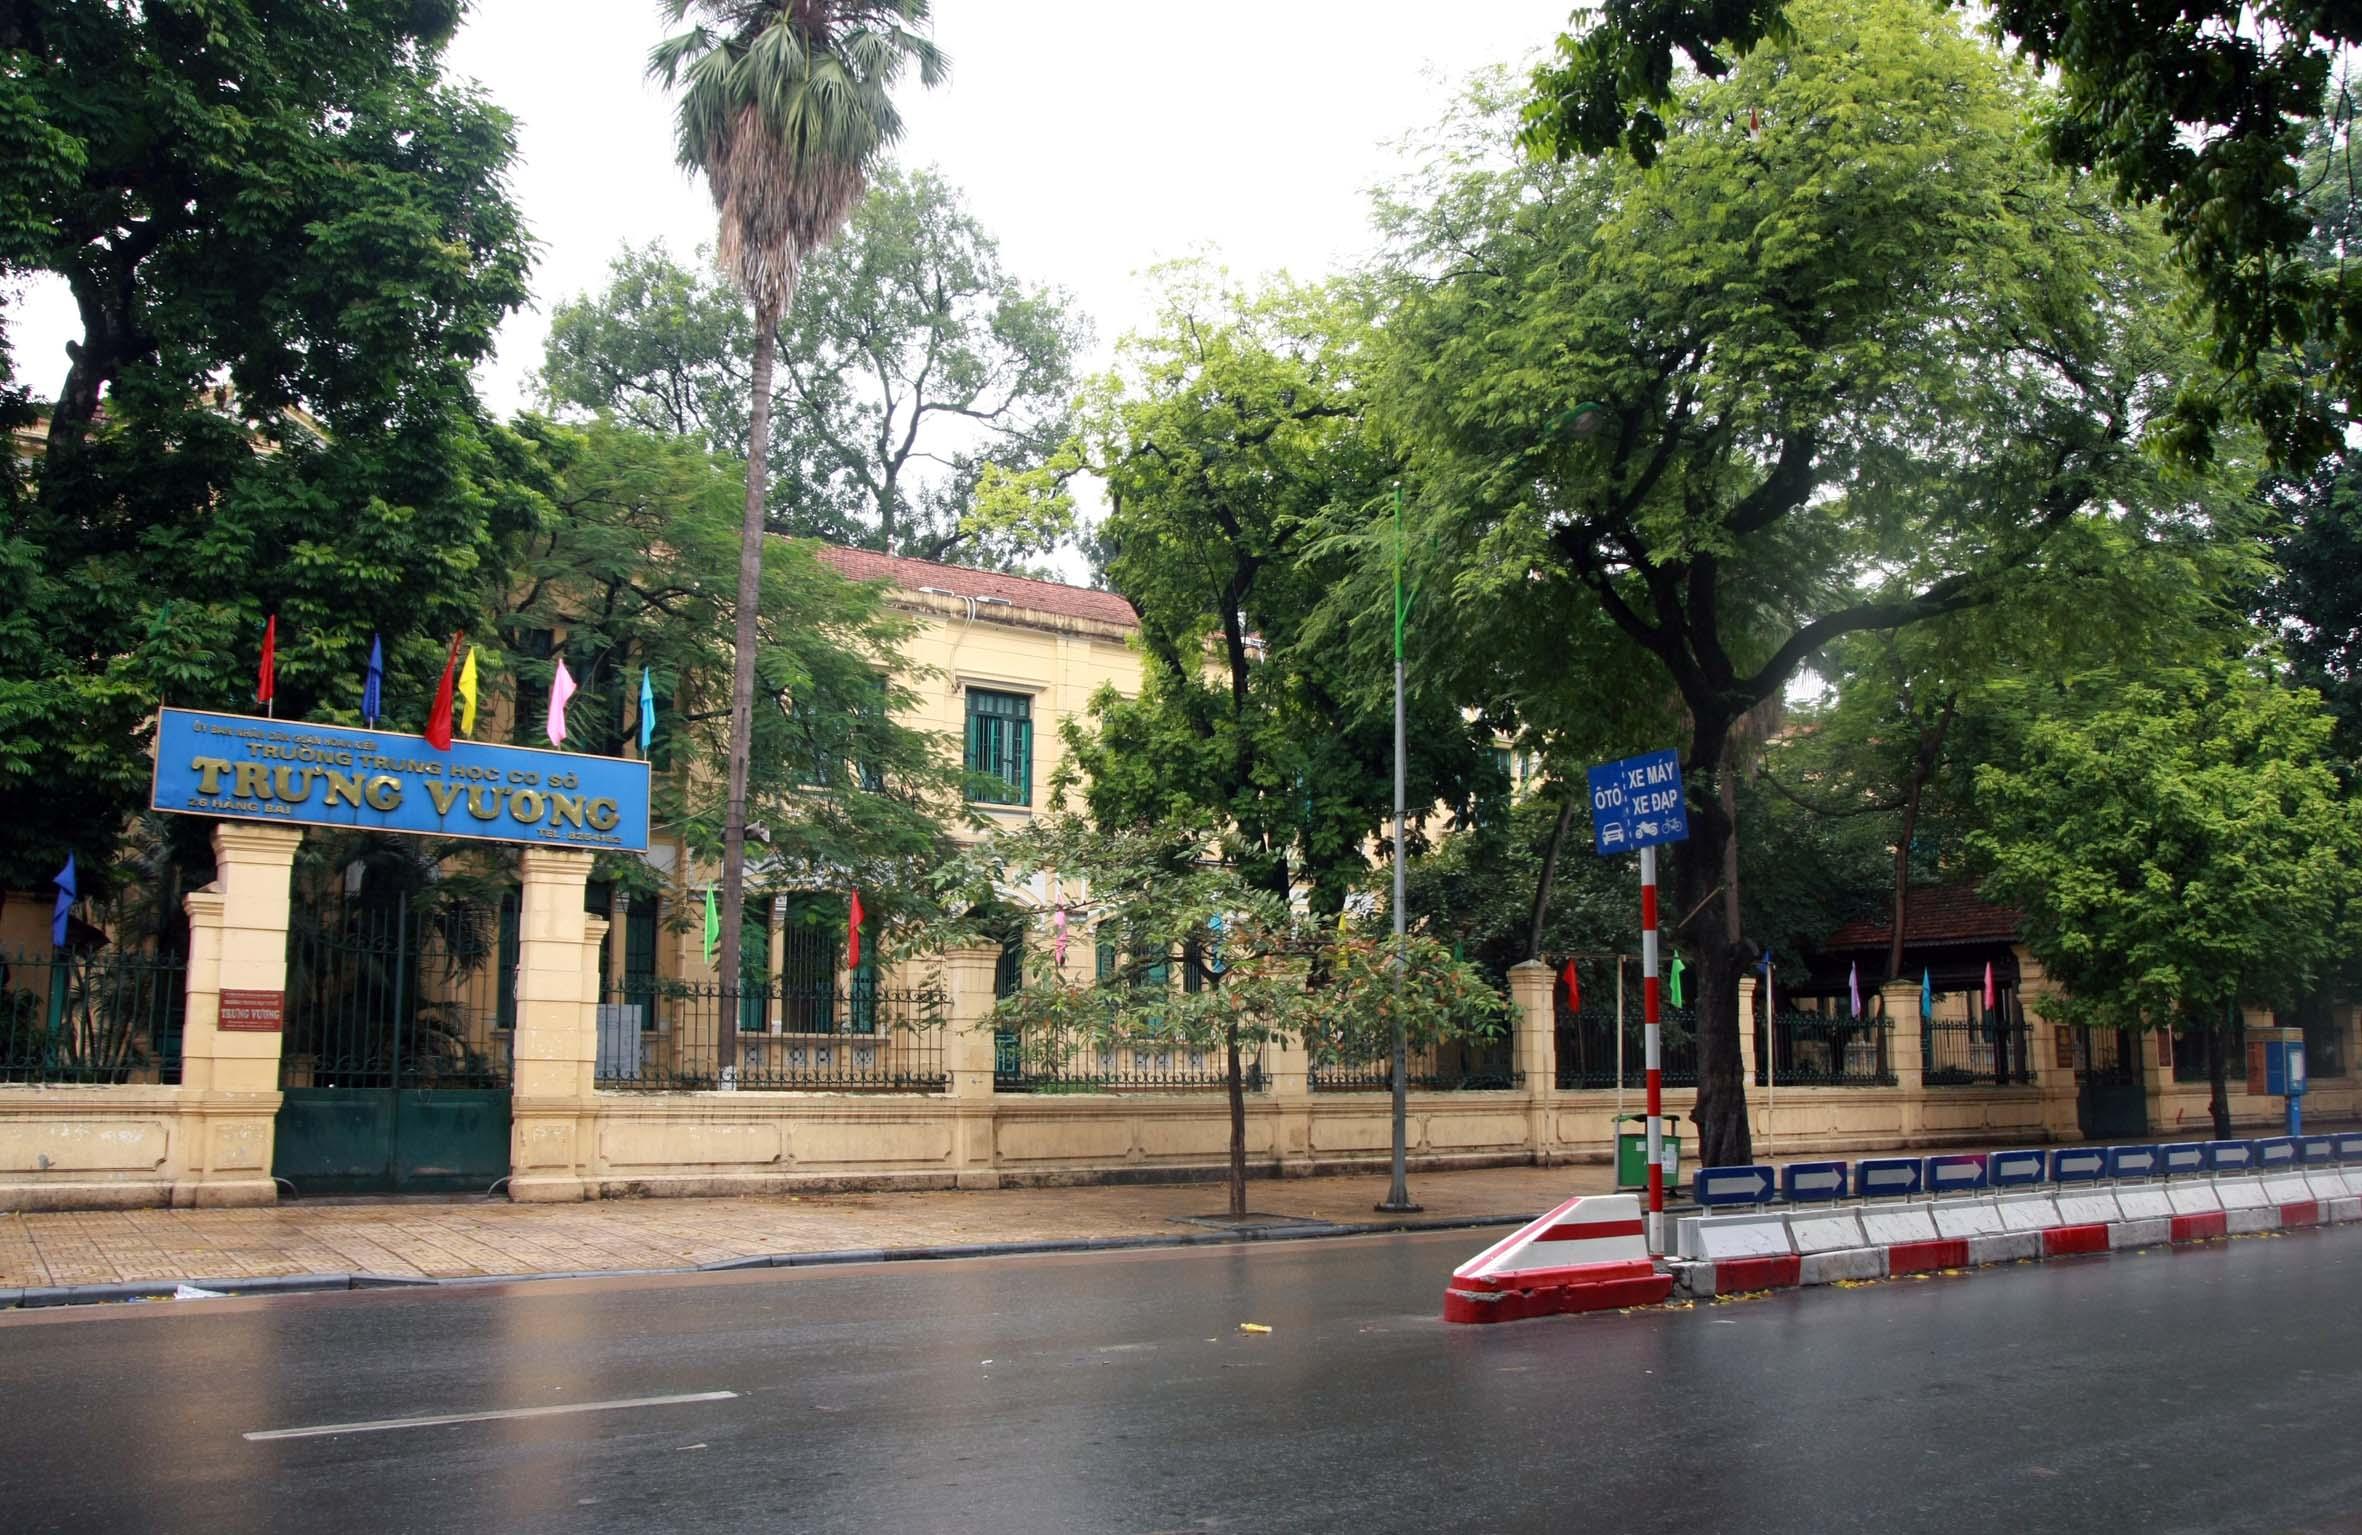 Trưng Vương - Trường THCS công lập quận Hoàn Kiếm, Hà Nội (Ảnh: website nhà trường)